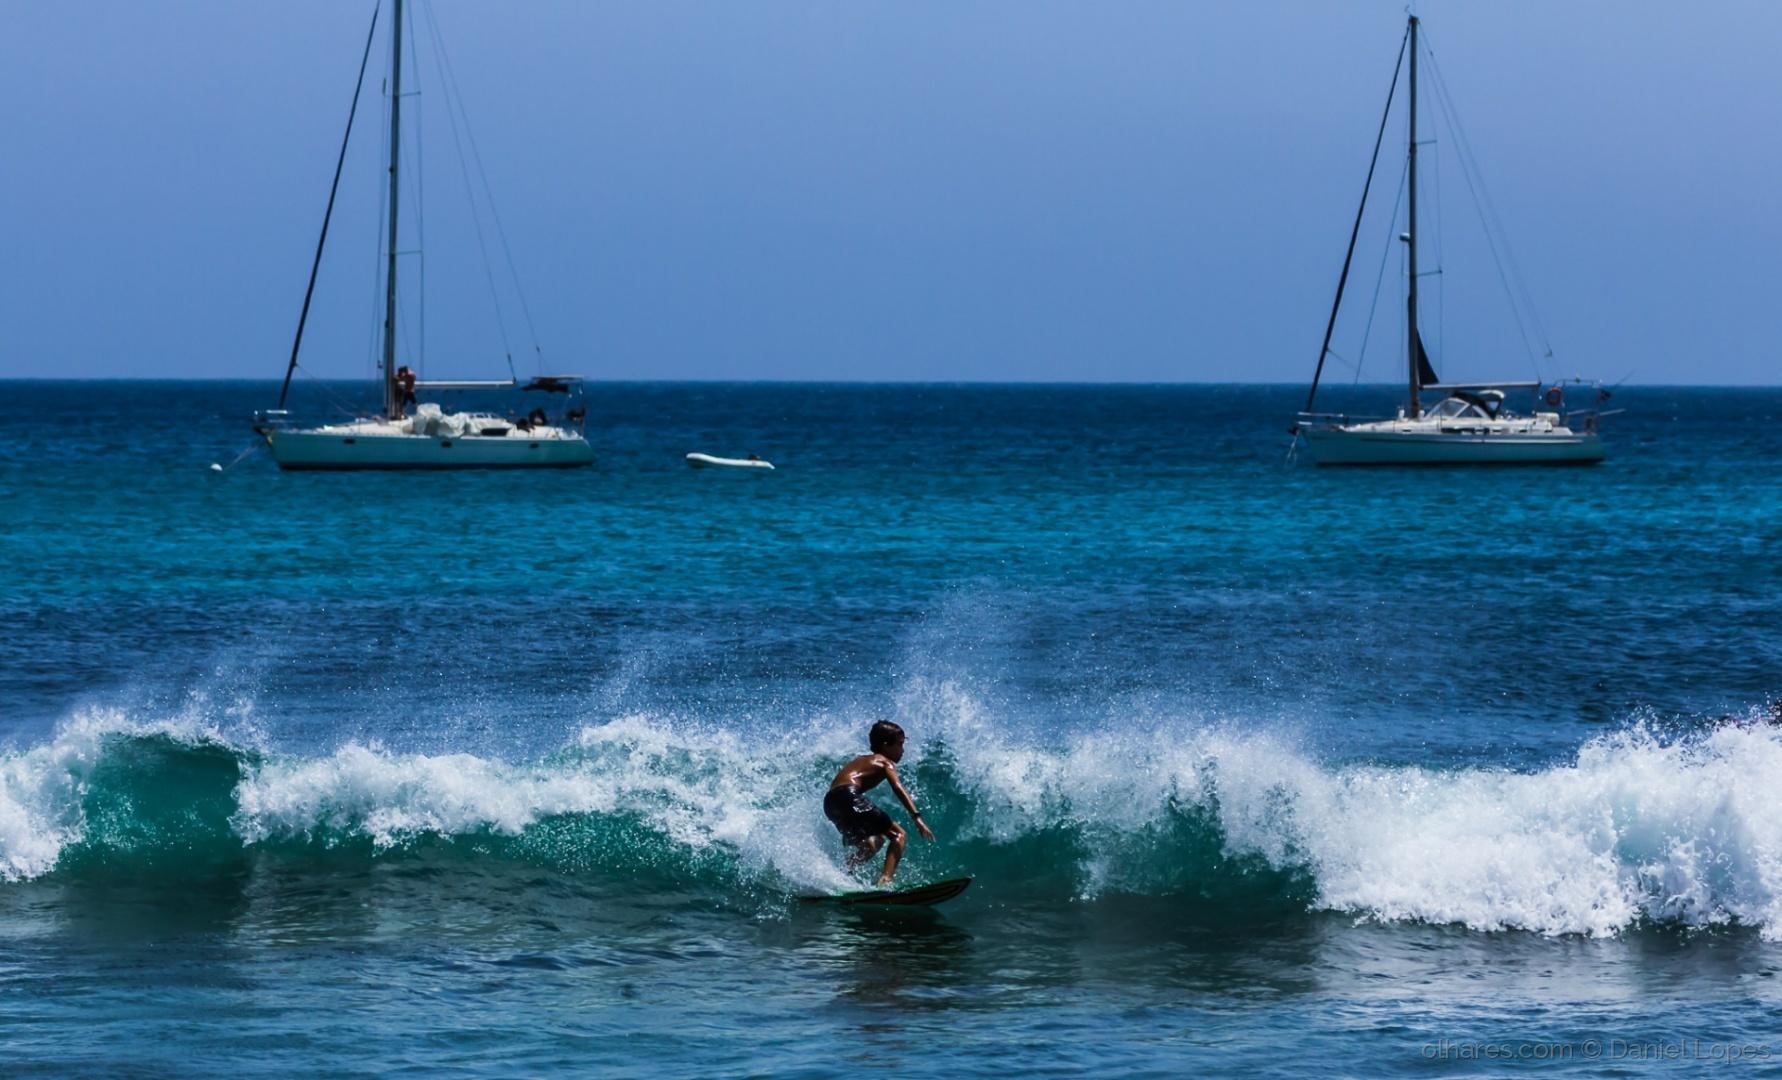 Desporto e Ação/Surfing in Santa Maria